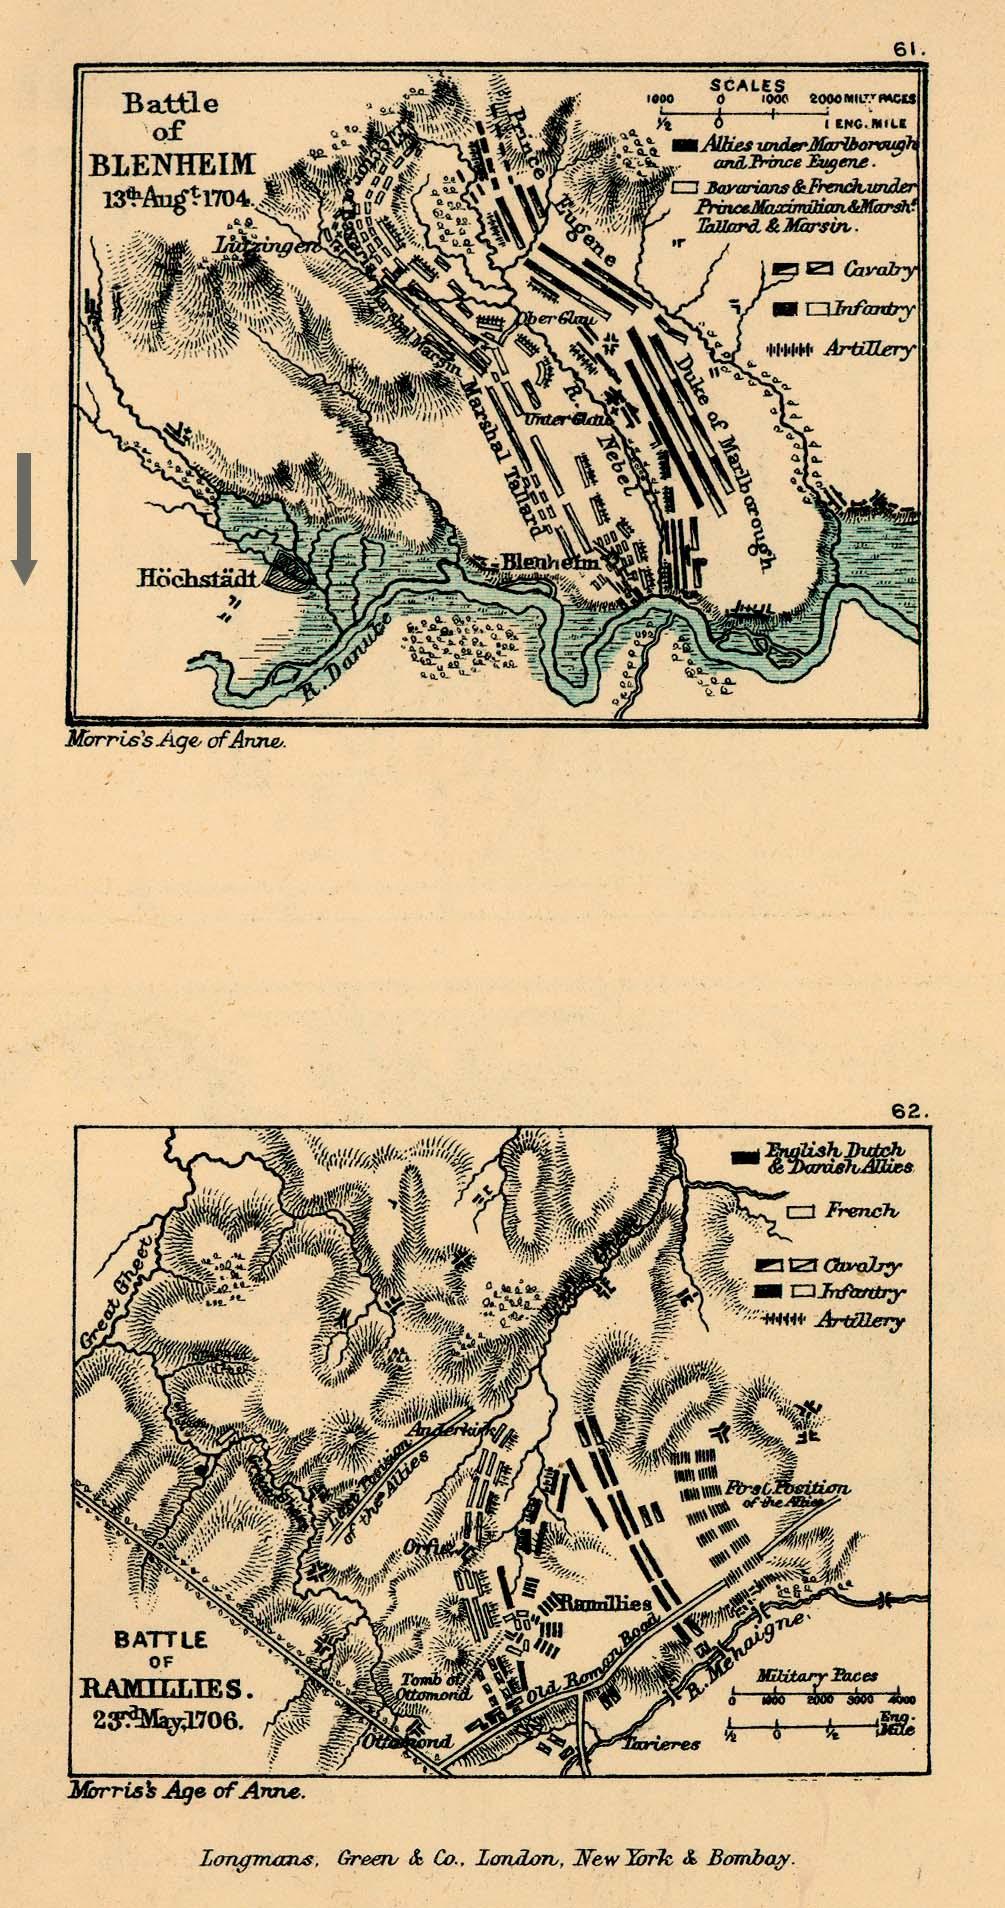 Batallas de Höchstädt y Ramillies 1704 - 1706